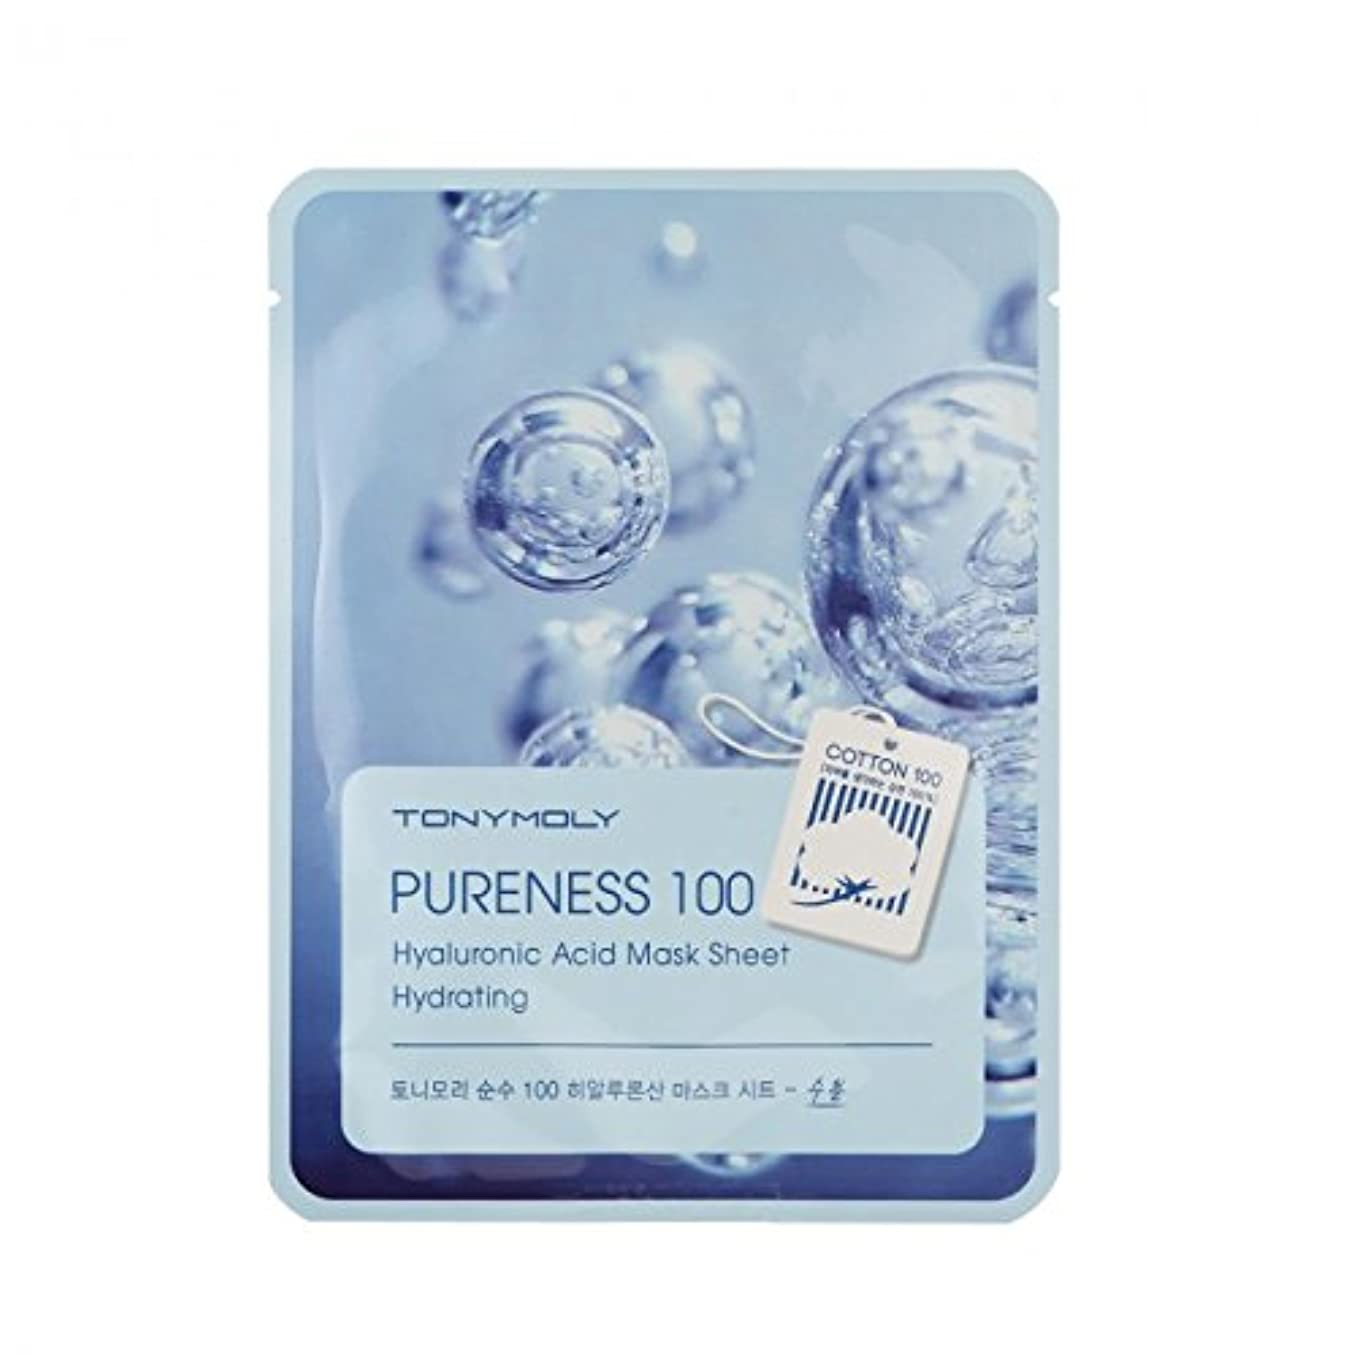 さまよう切断する安定TONYMOLY Pureness 100 Hyaluronic Acid Mask Sheet Hydrating (並行輸入品)